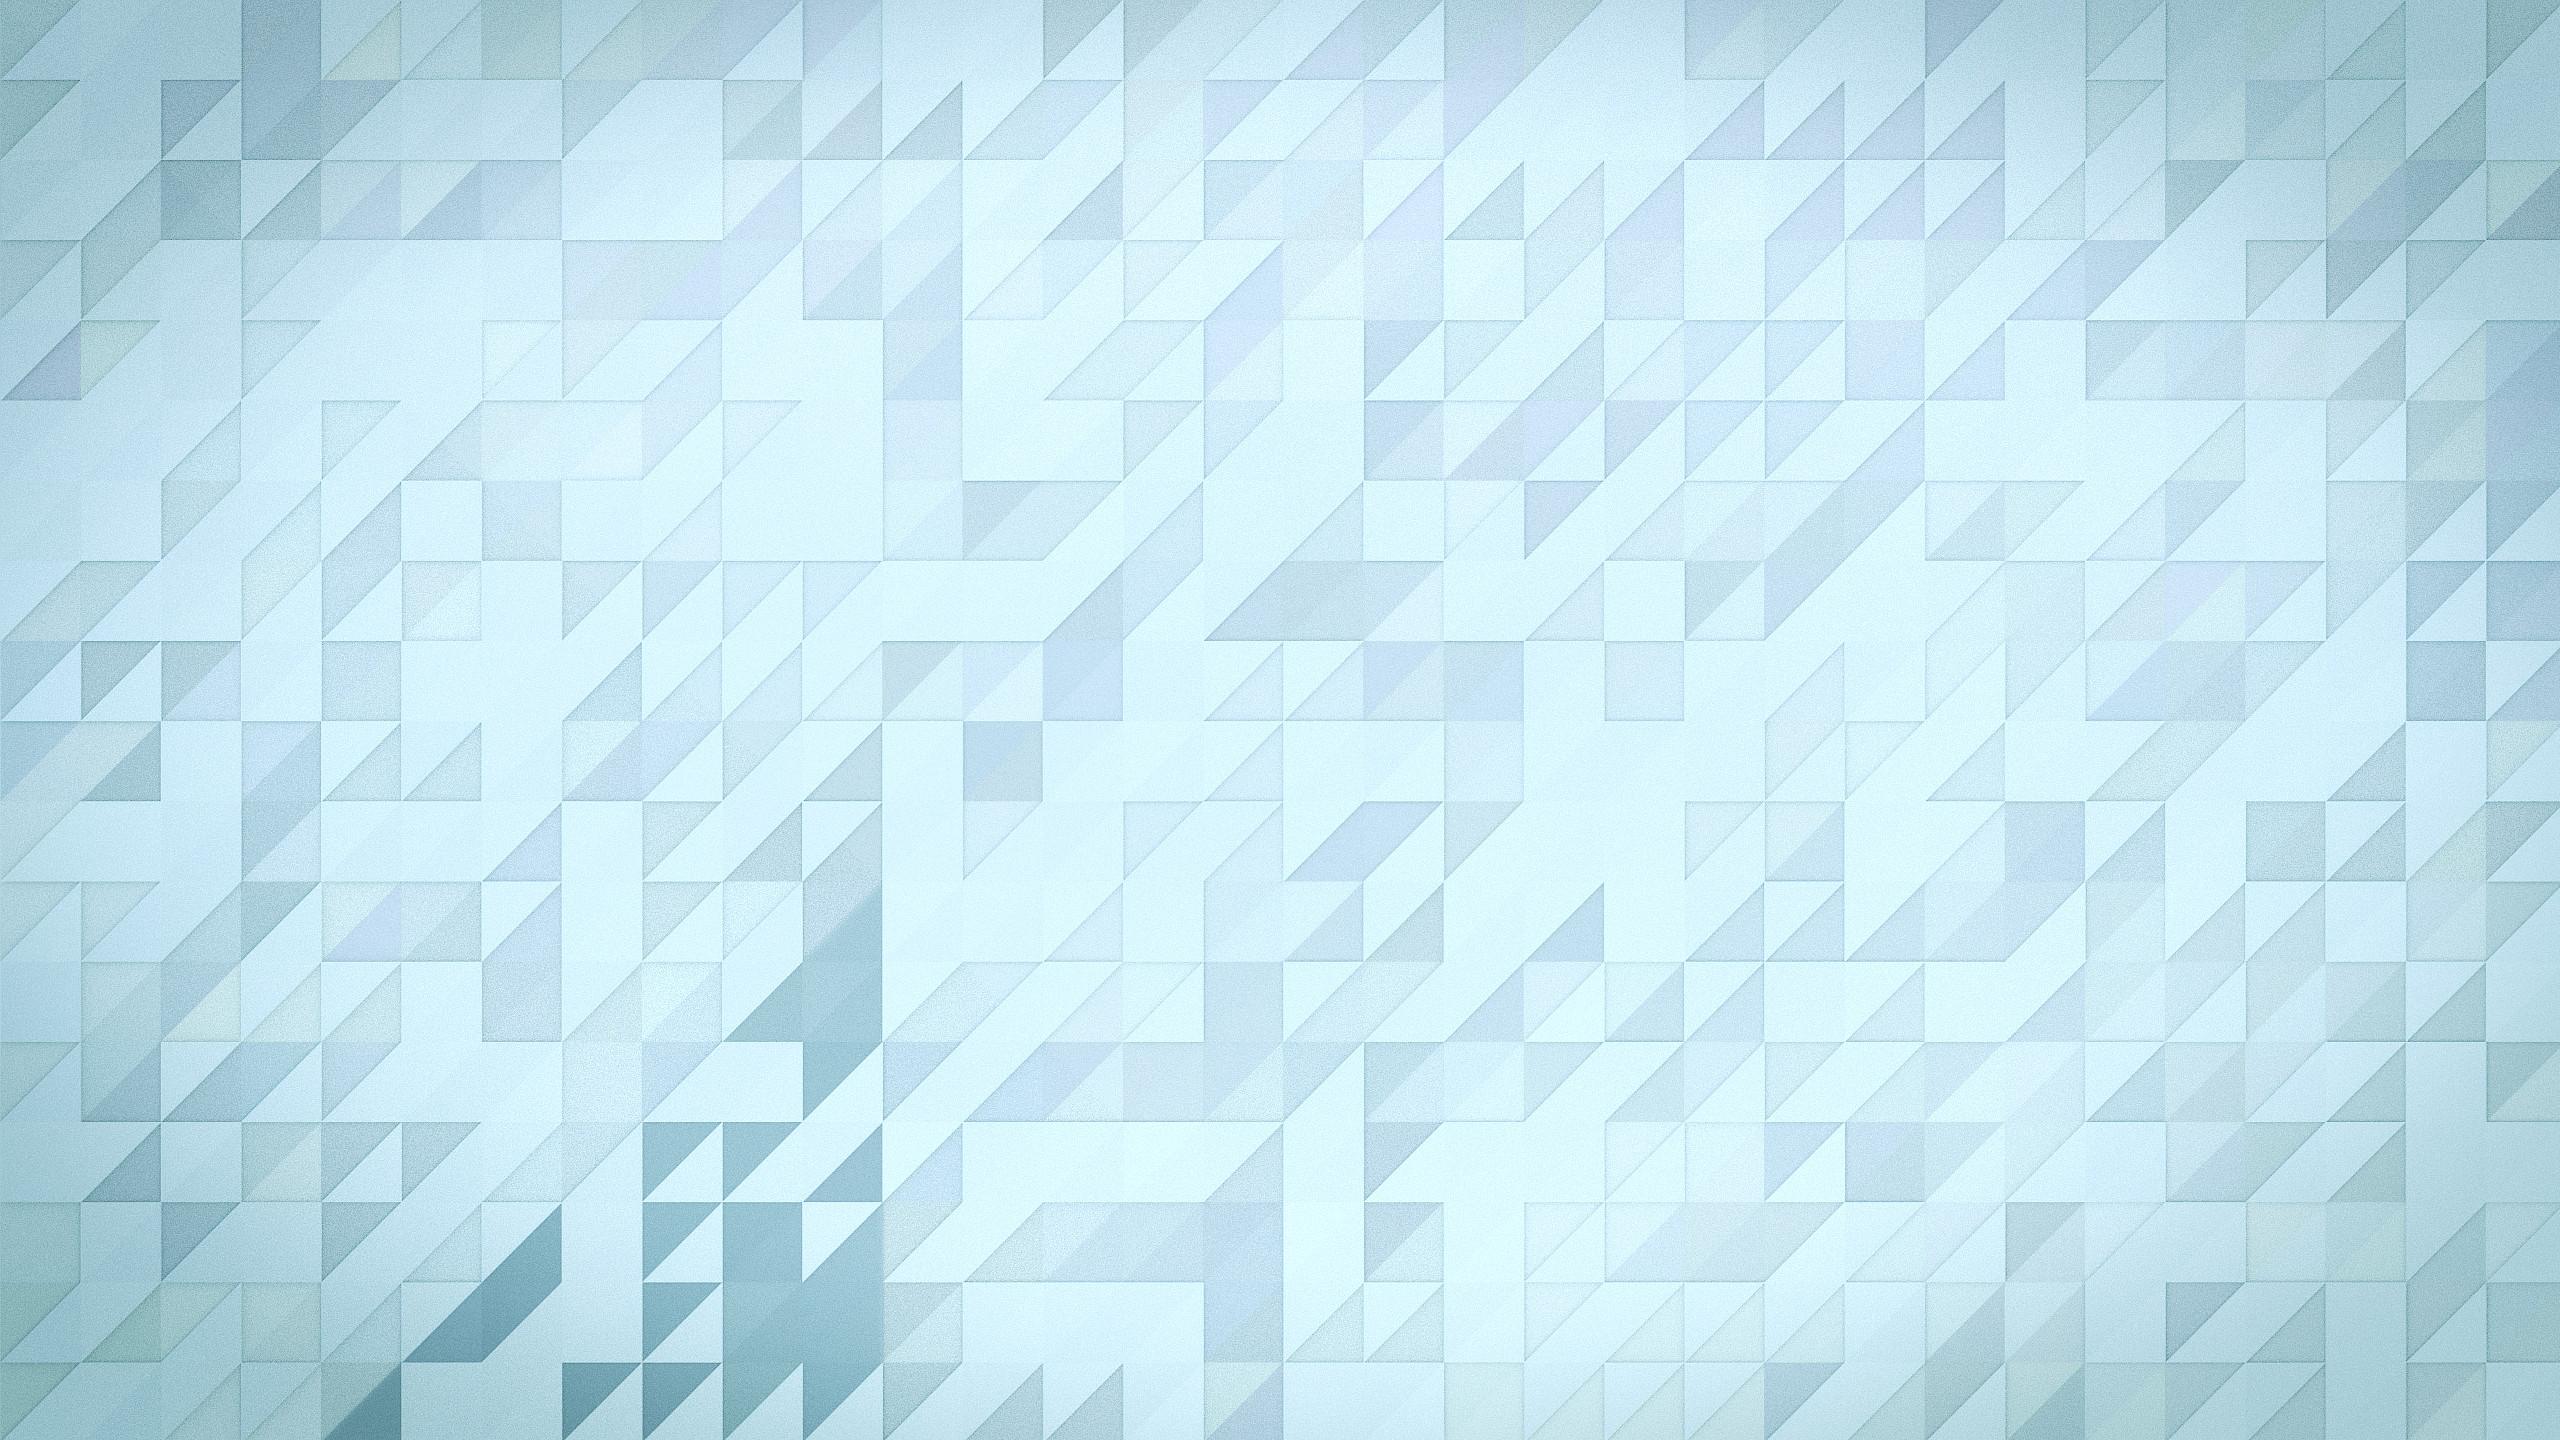 鸟哥Linux基础篇-VIM程序编辑器